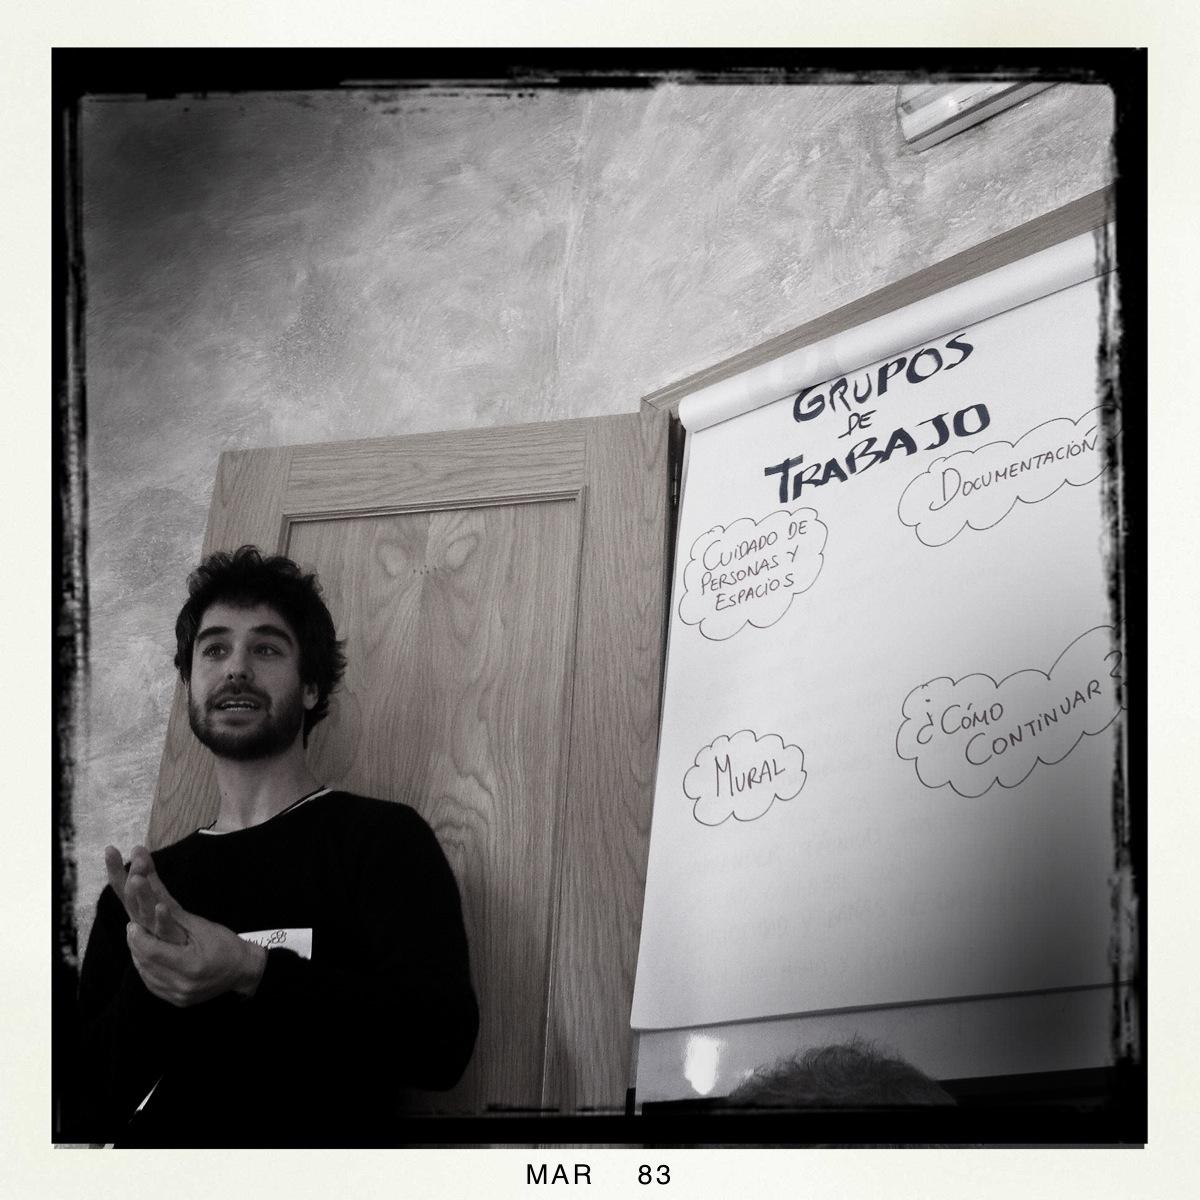 Curso transición madrid marzo 2013 - Juan del Río - Transición Sostenible